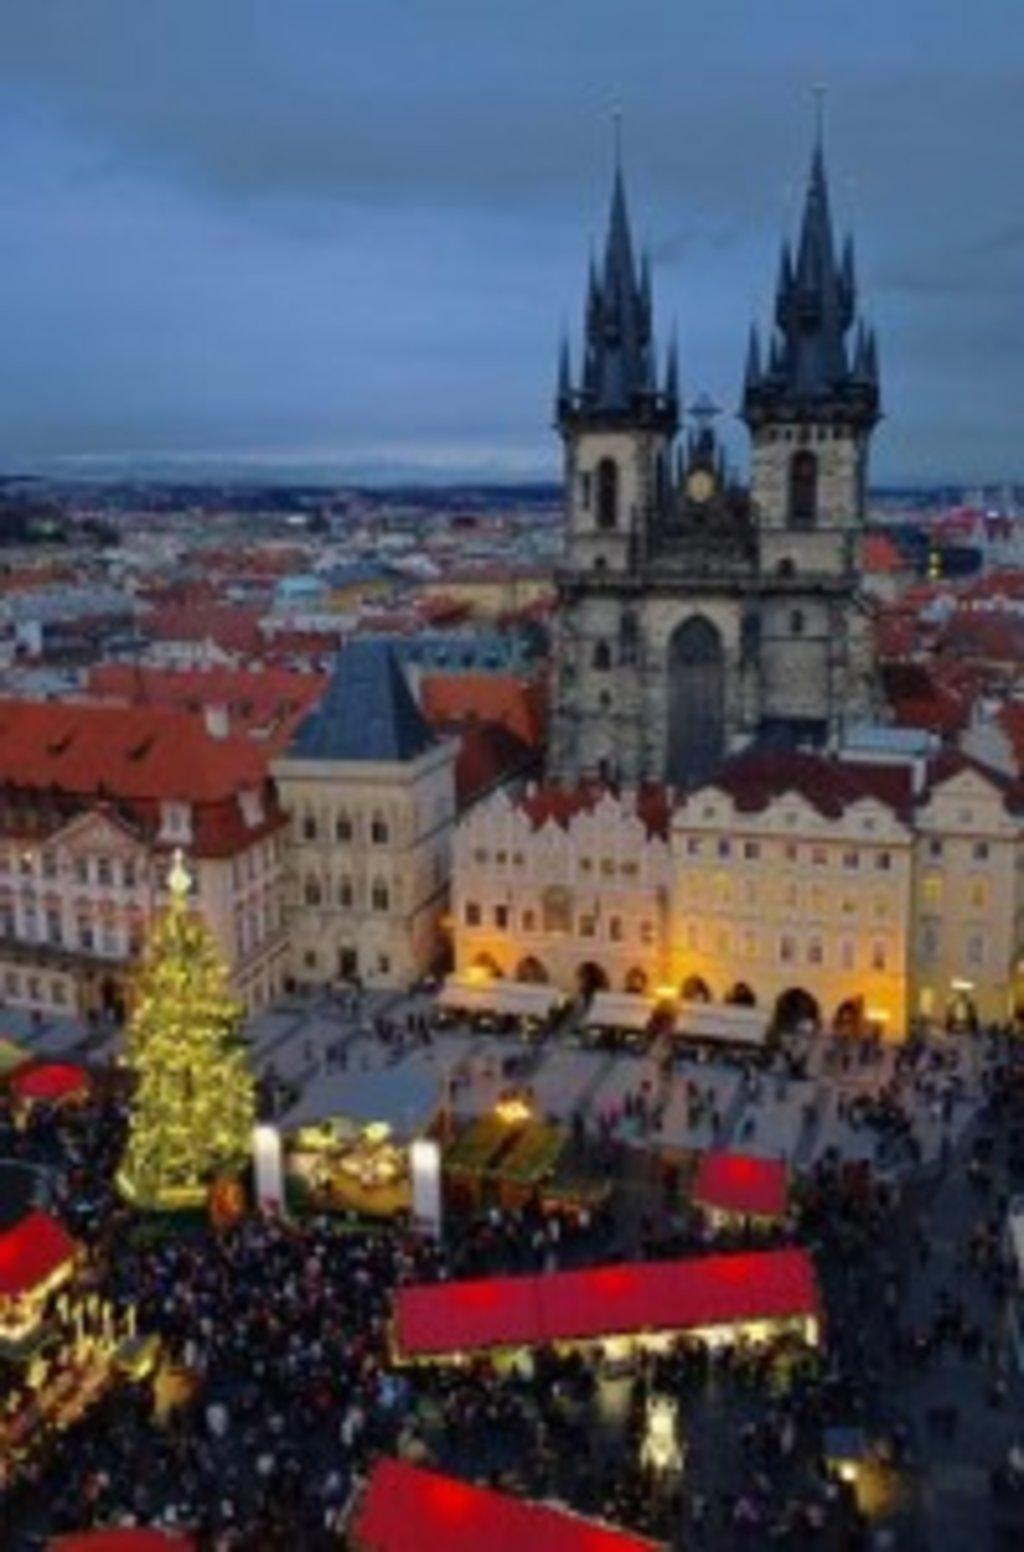 Einer der schönsten und größten Weihnachtsmärkte der Welt findet sich in Prag.